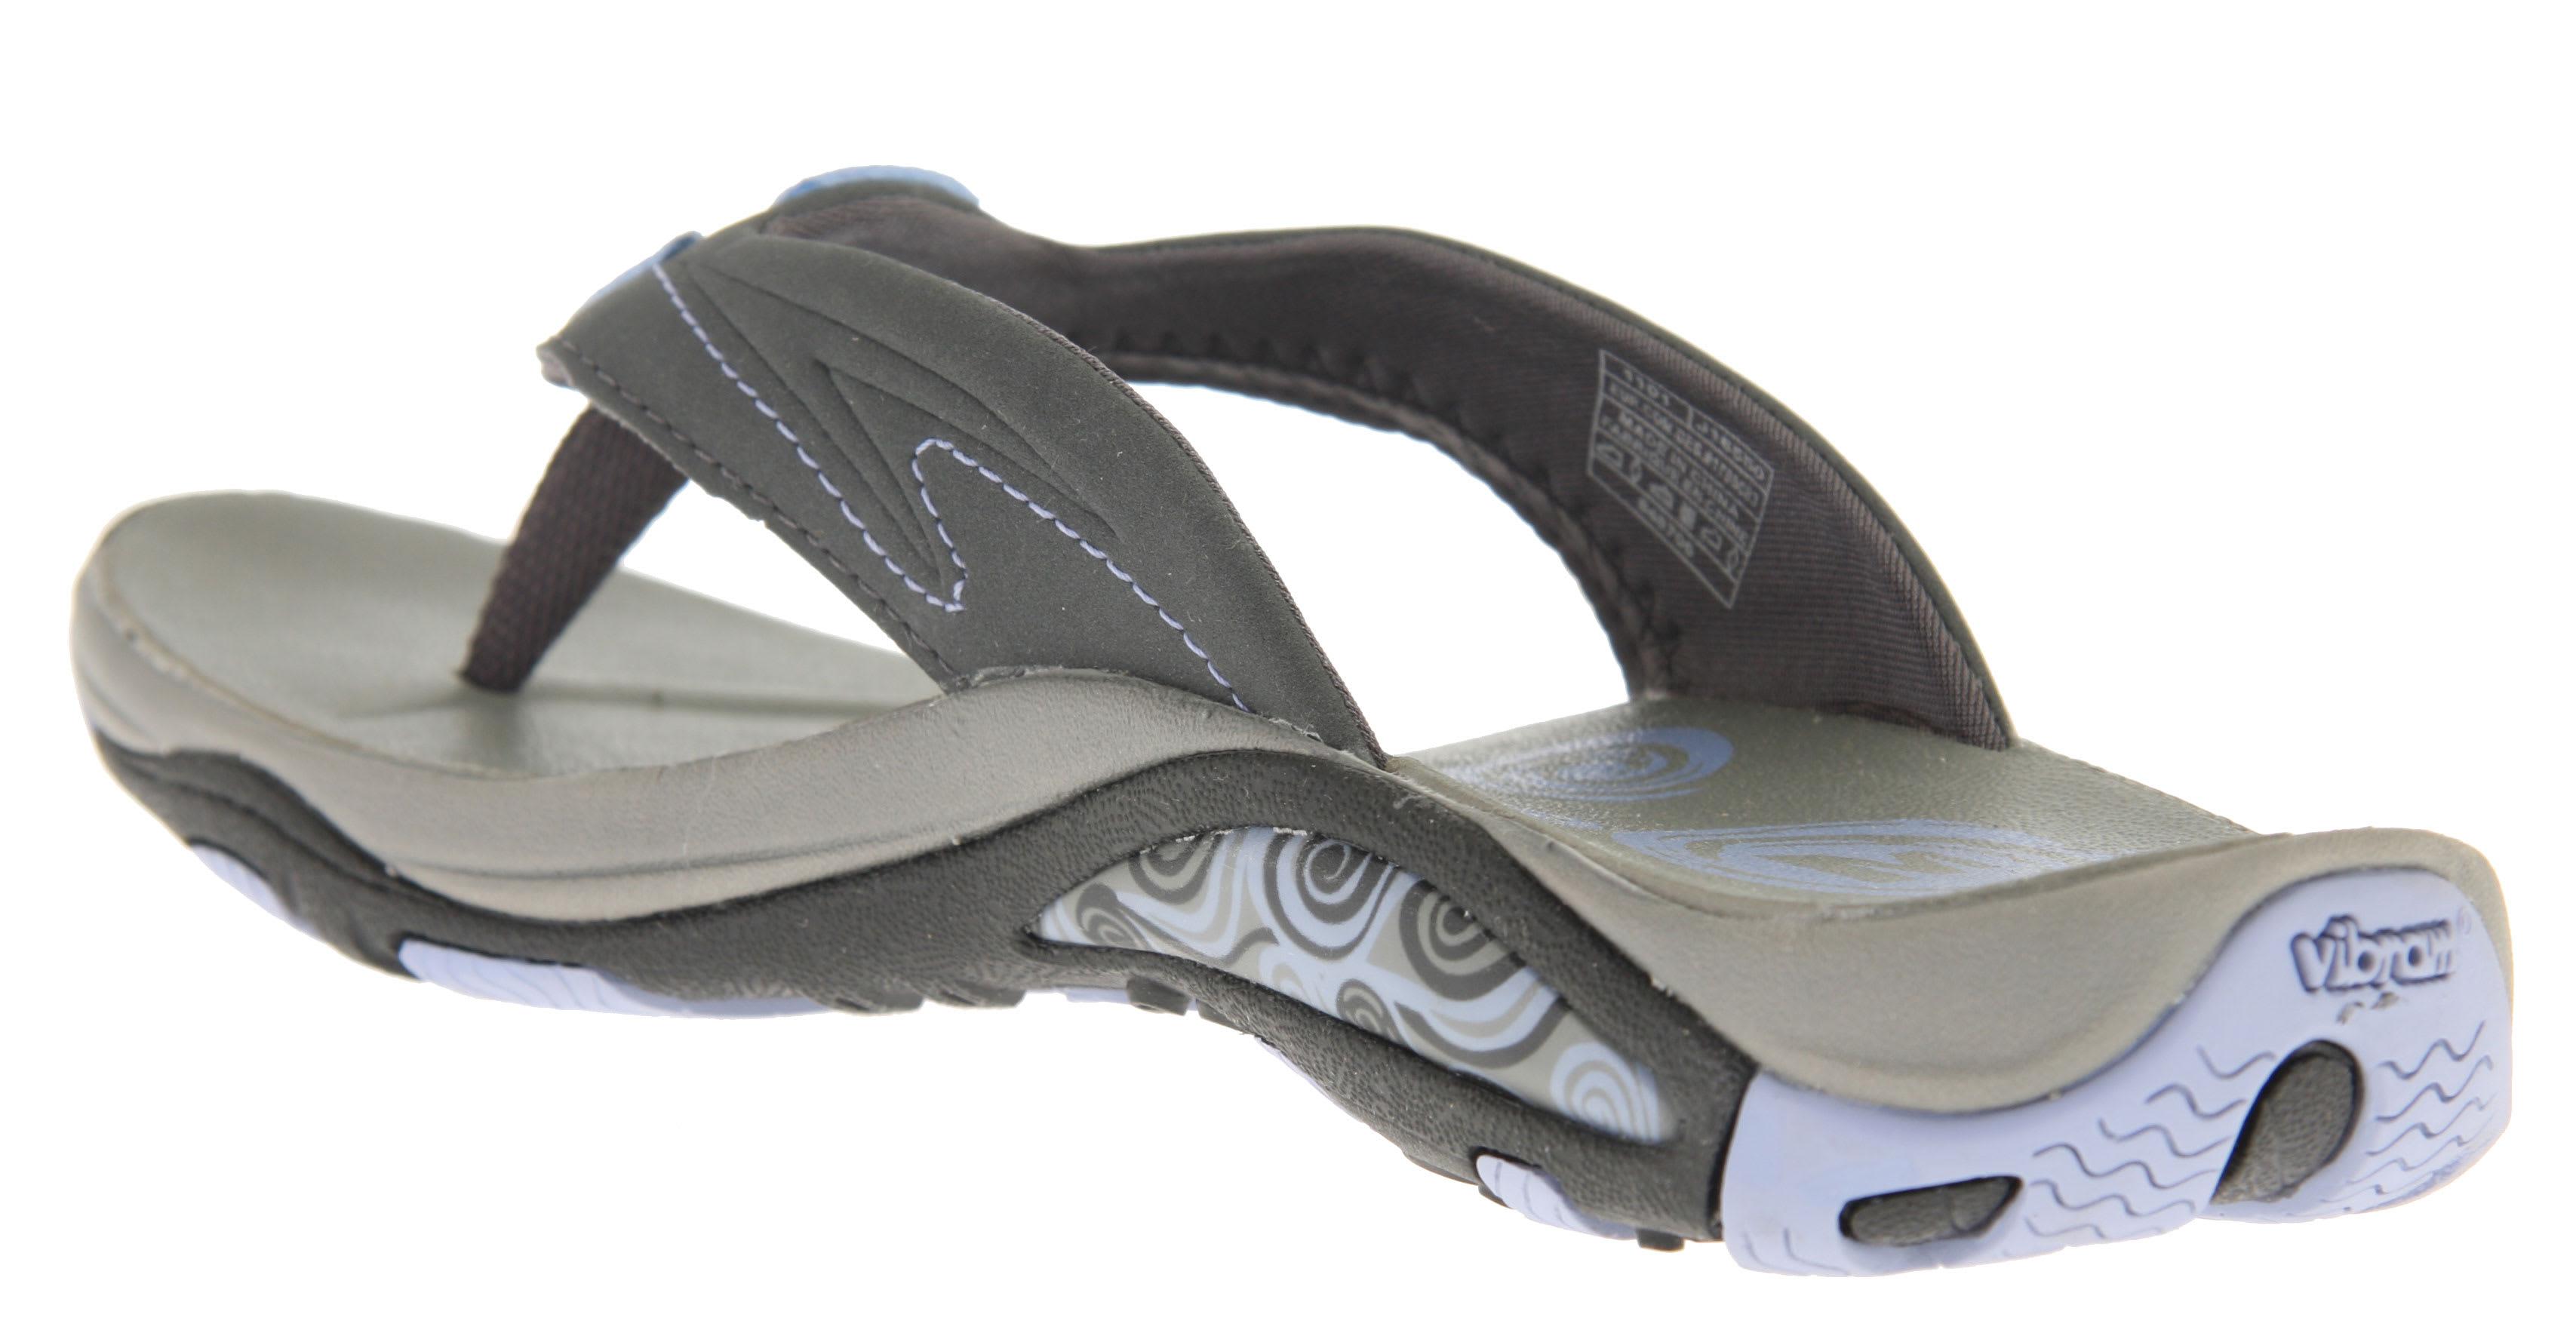 Merrell Siren Thong Sport Sandals Womens